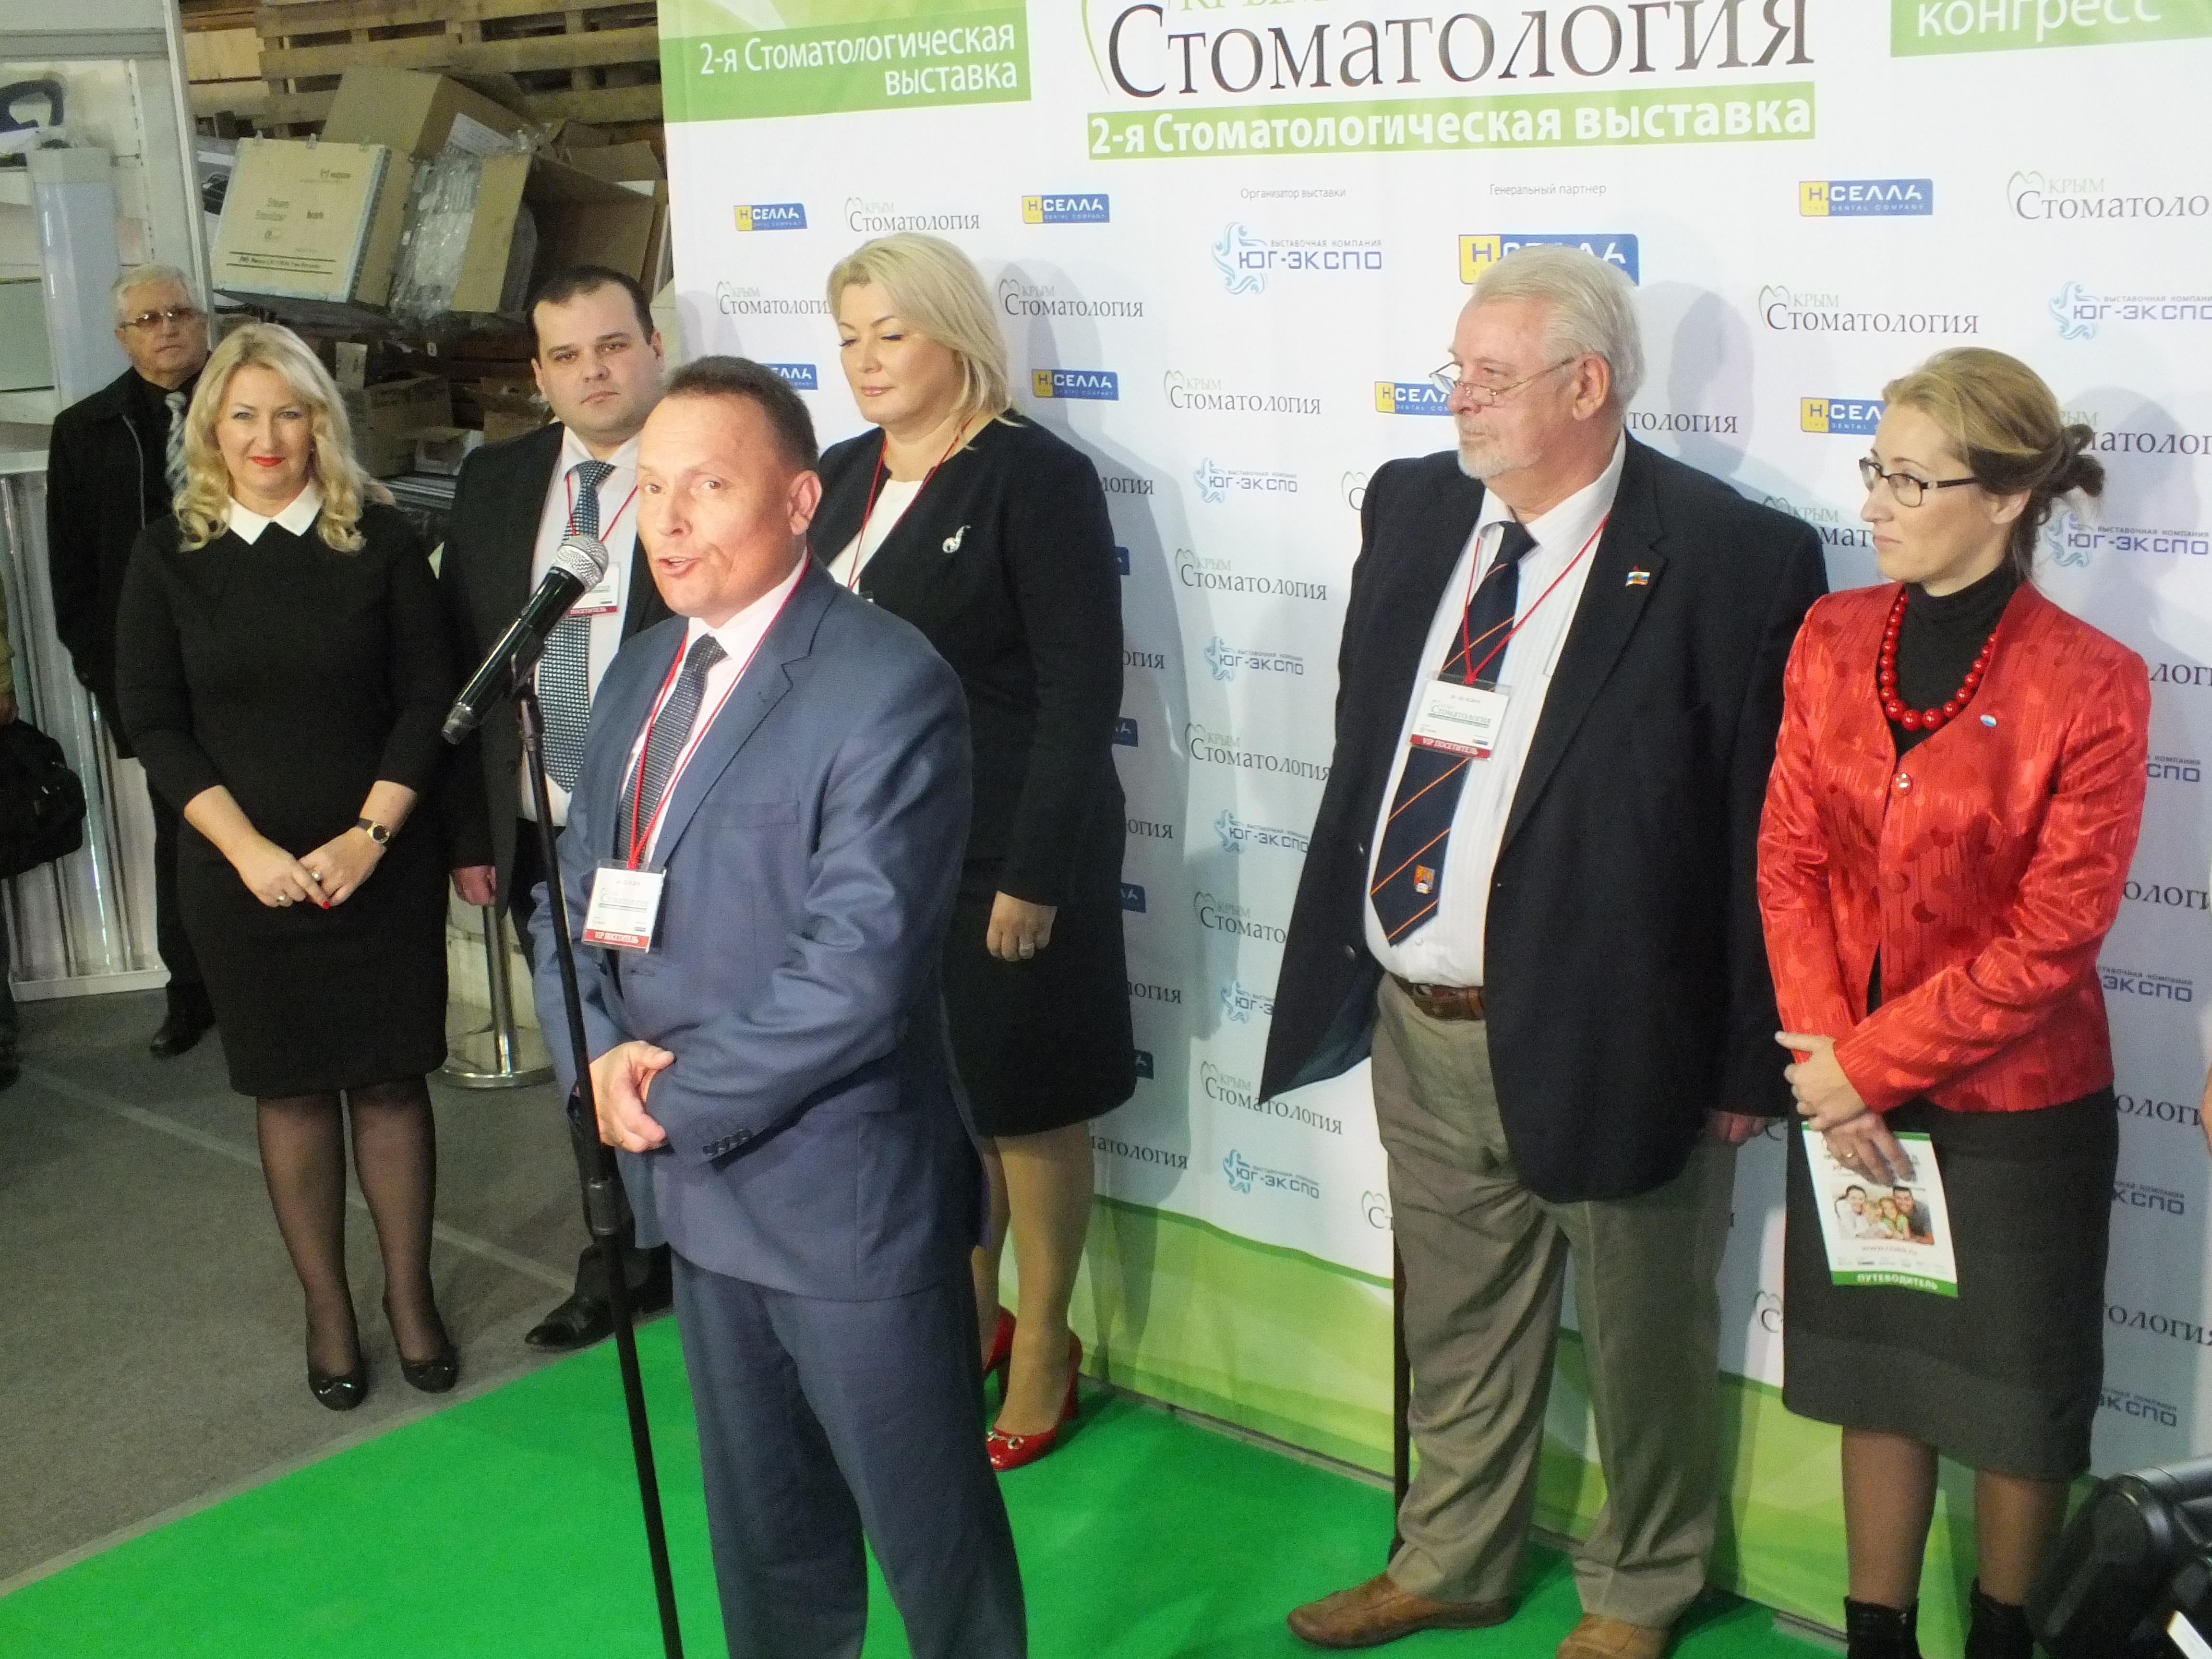 Купить стоматологическое оборудование в Москве